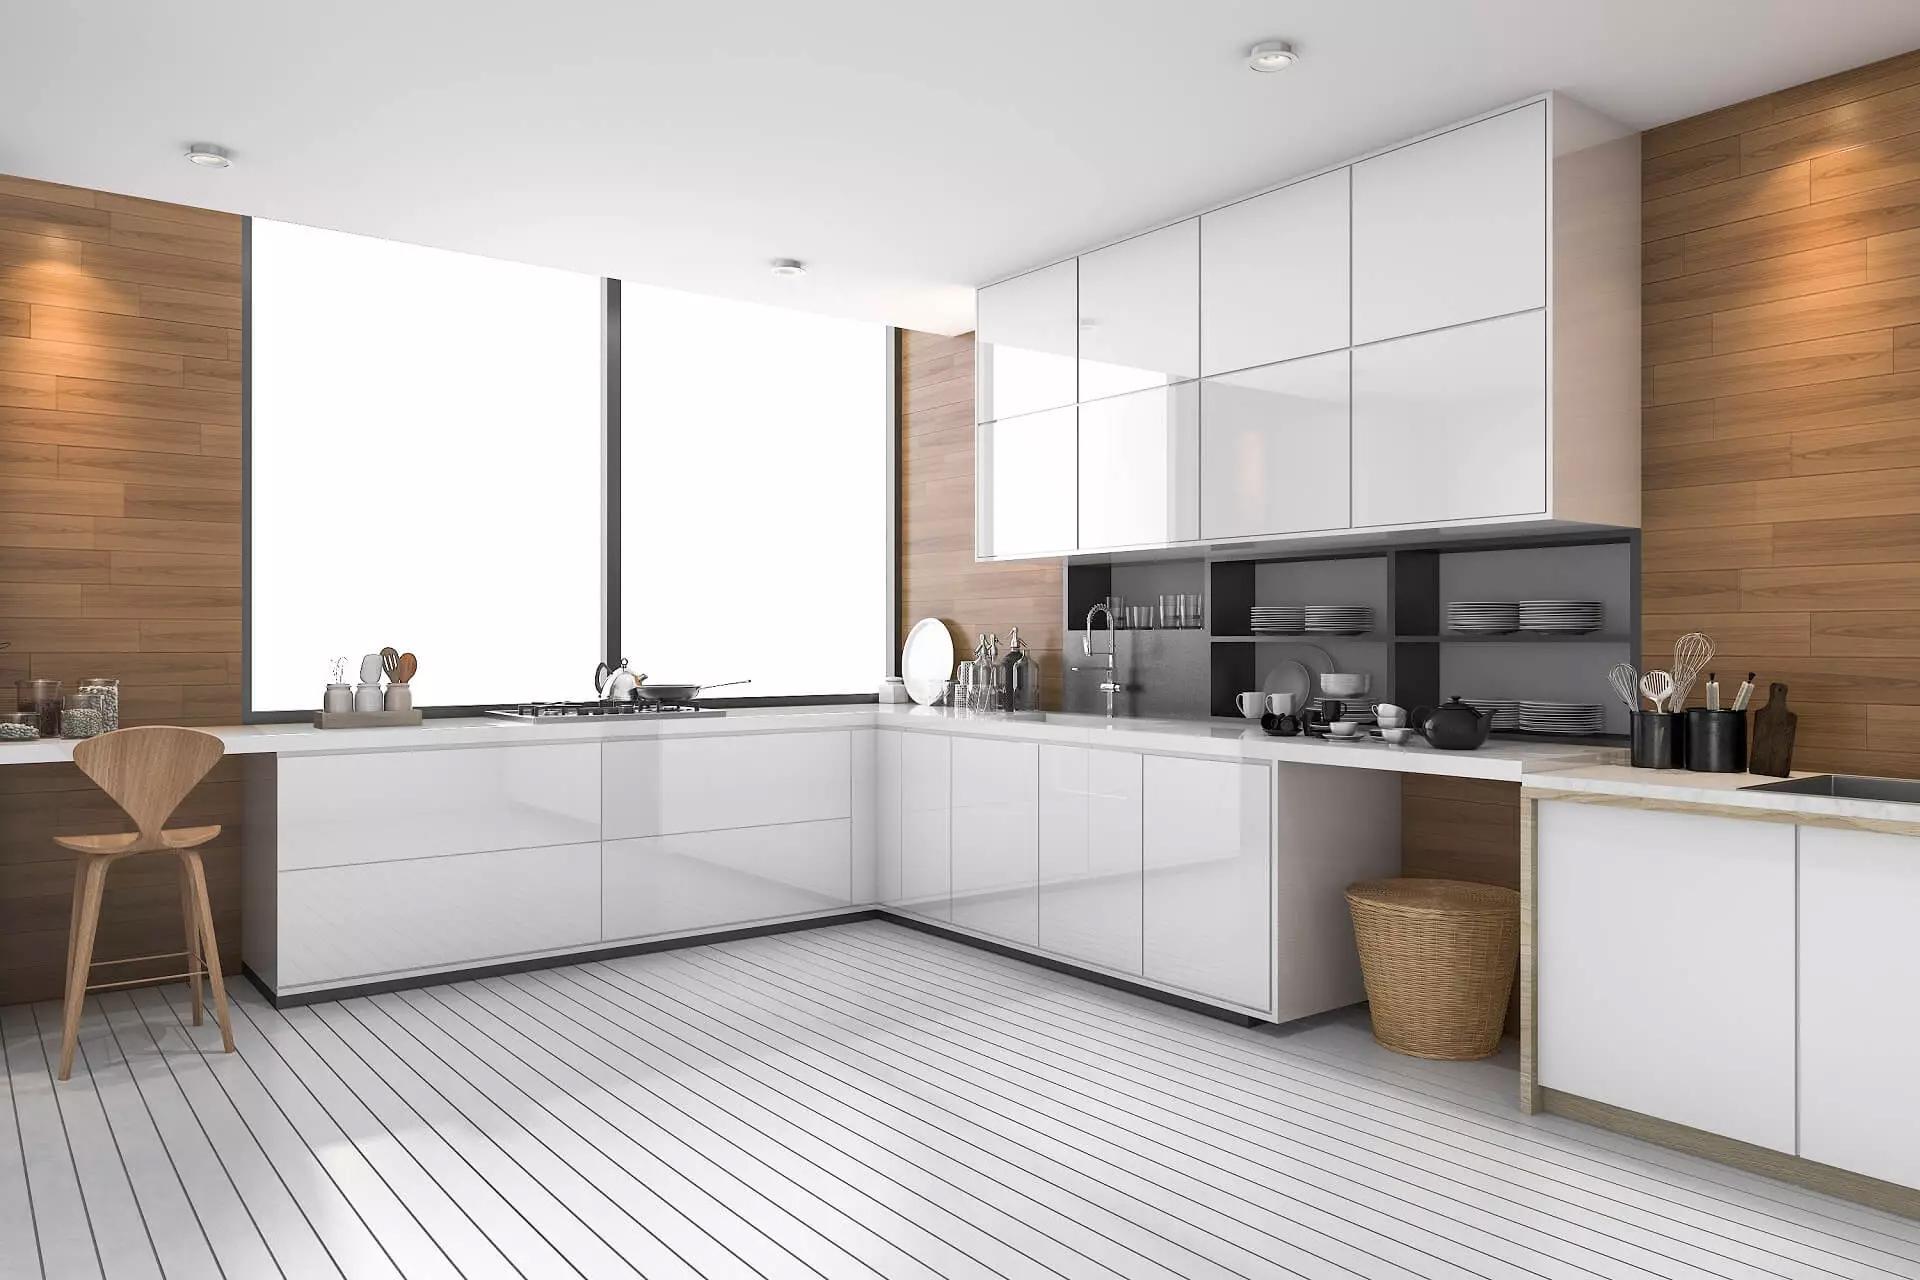 Bếp vuông: Tư vấn cách trang trí, sắp xếp không gian bếp cho ngôi nhà của bạn.